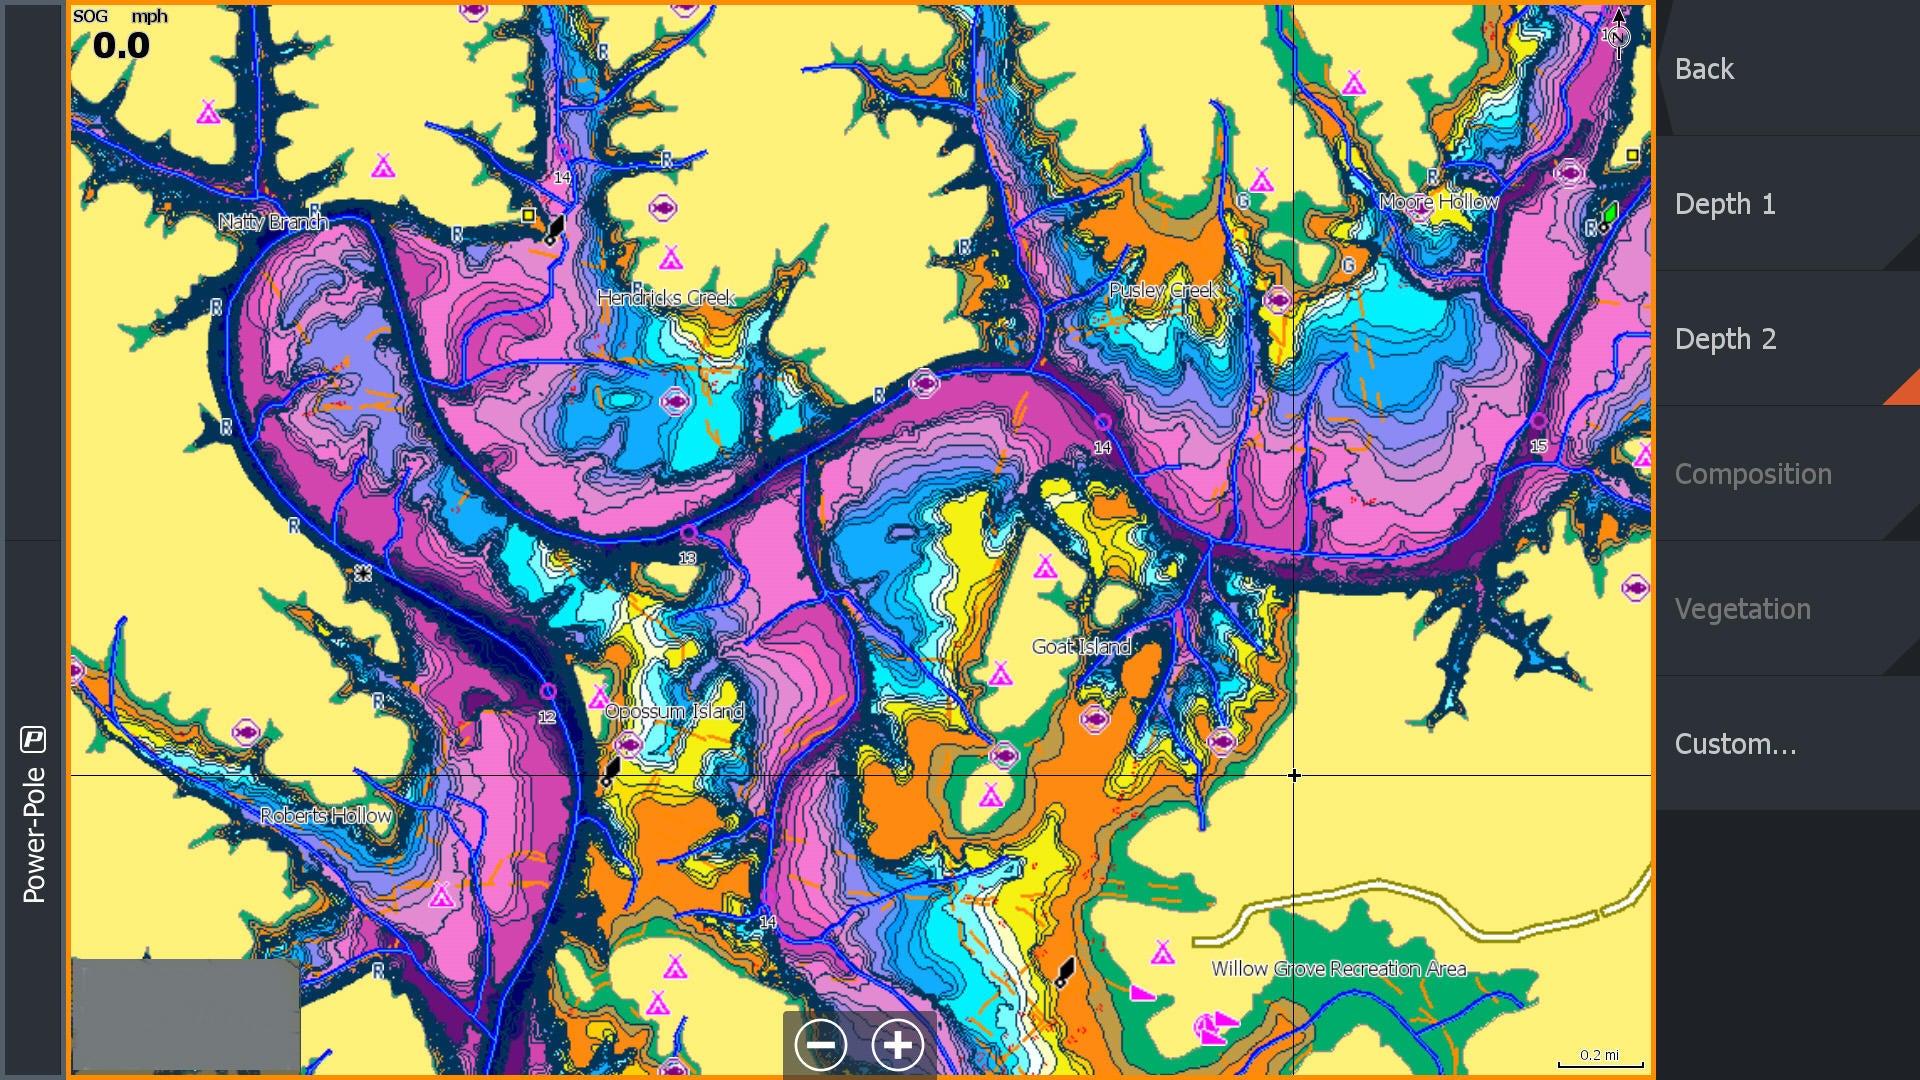 screenshot-2019-07-23-14-34-59.jpg